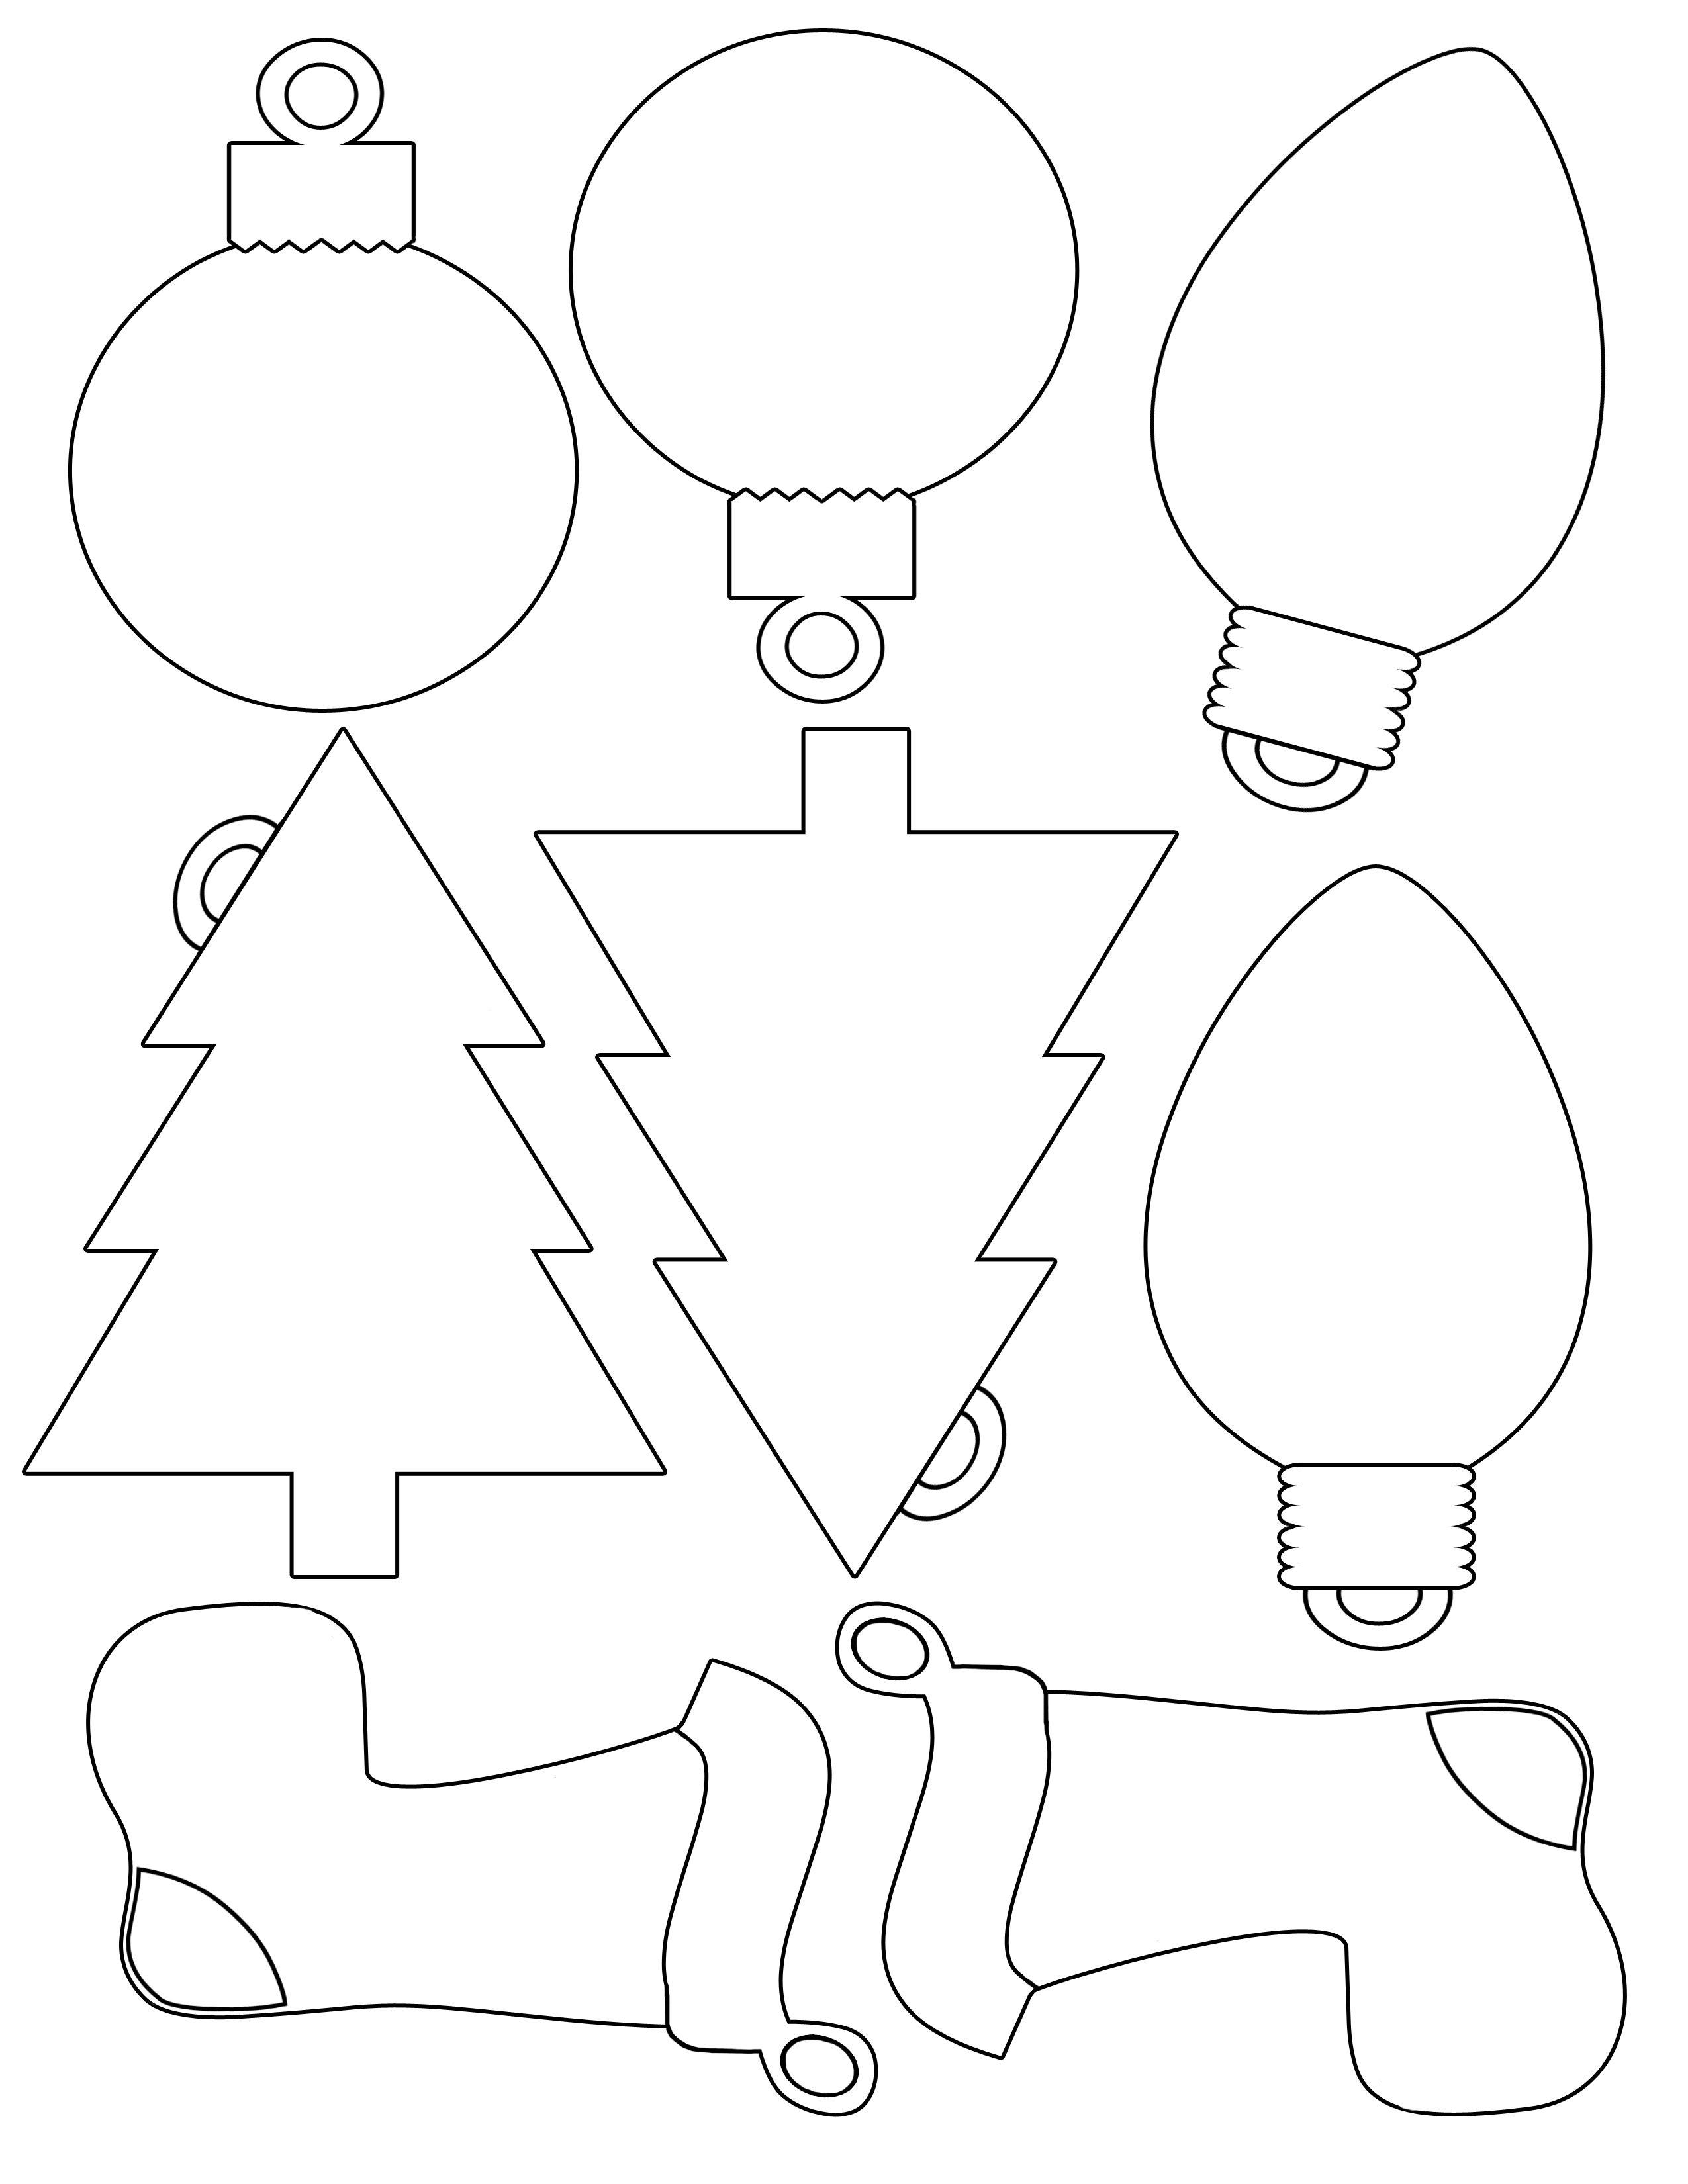 Printable Christmas Envelope |  For Christmas Shapes For Gift - Free Printable Christmas Cutouts